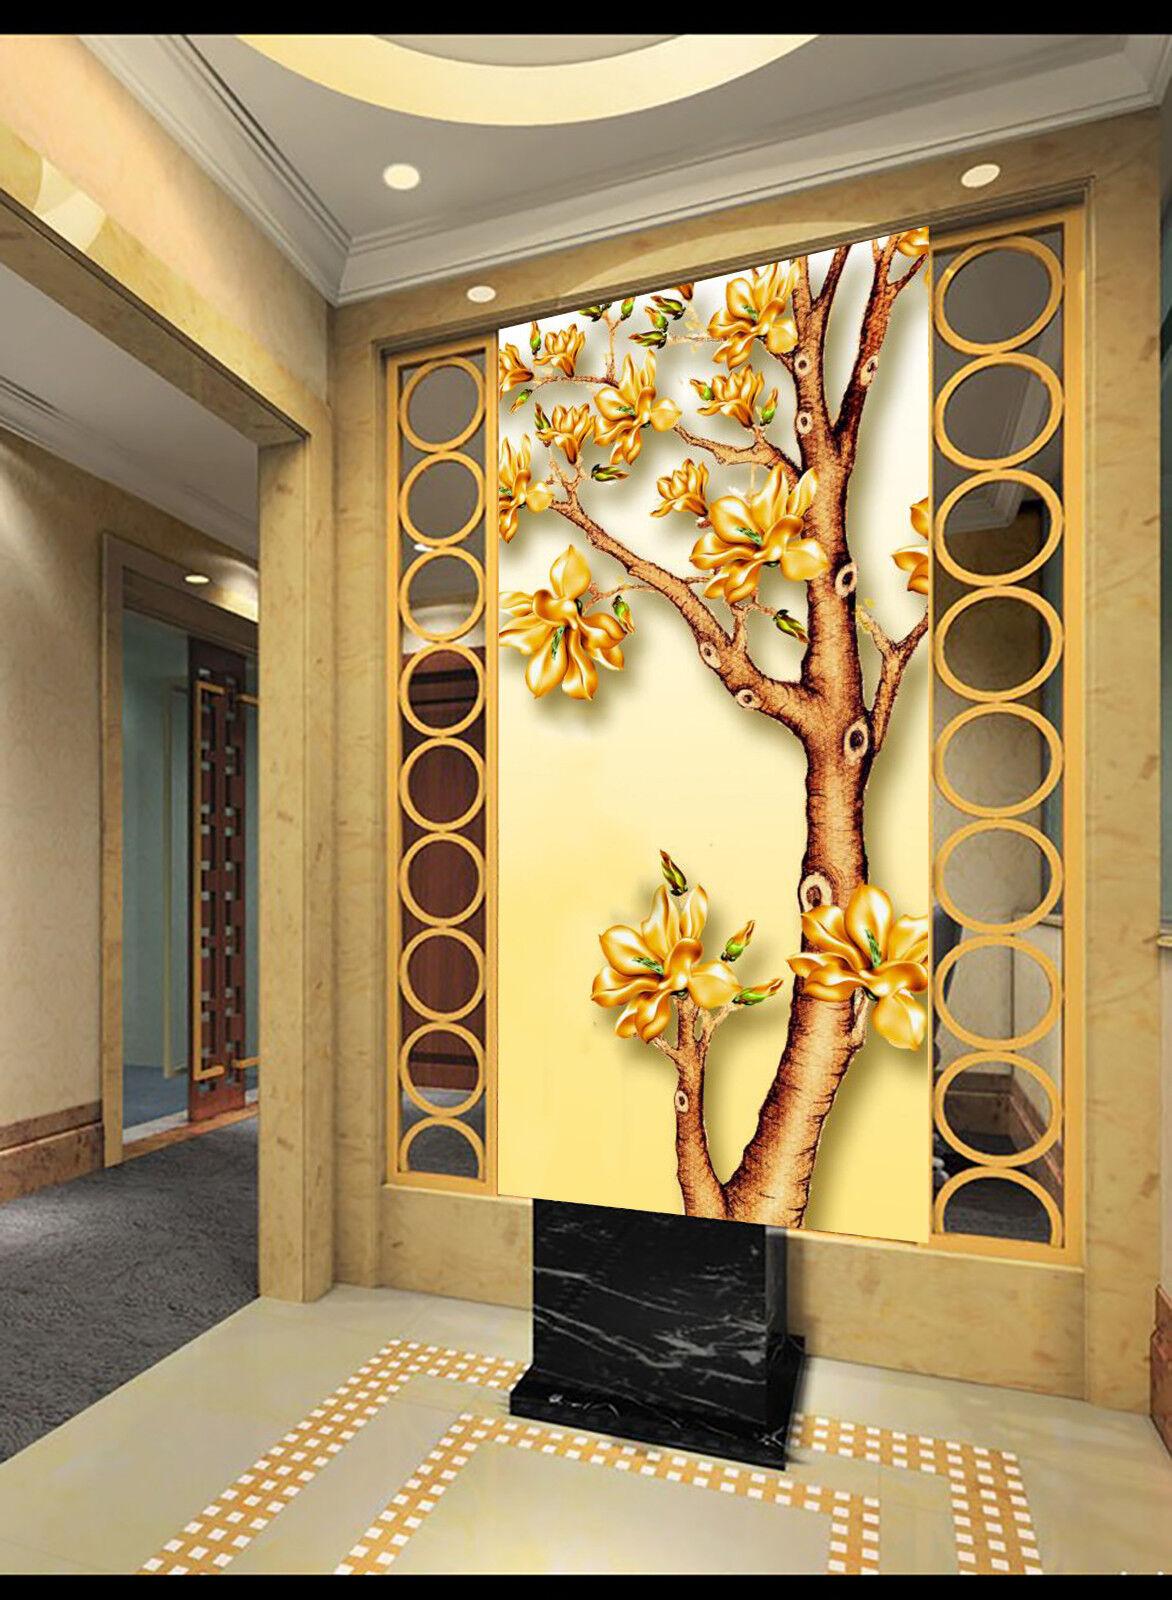 3D Golden Flower 97 Wallpaper Mural Wall Print Wall Wallpaper Murals US Carly